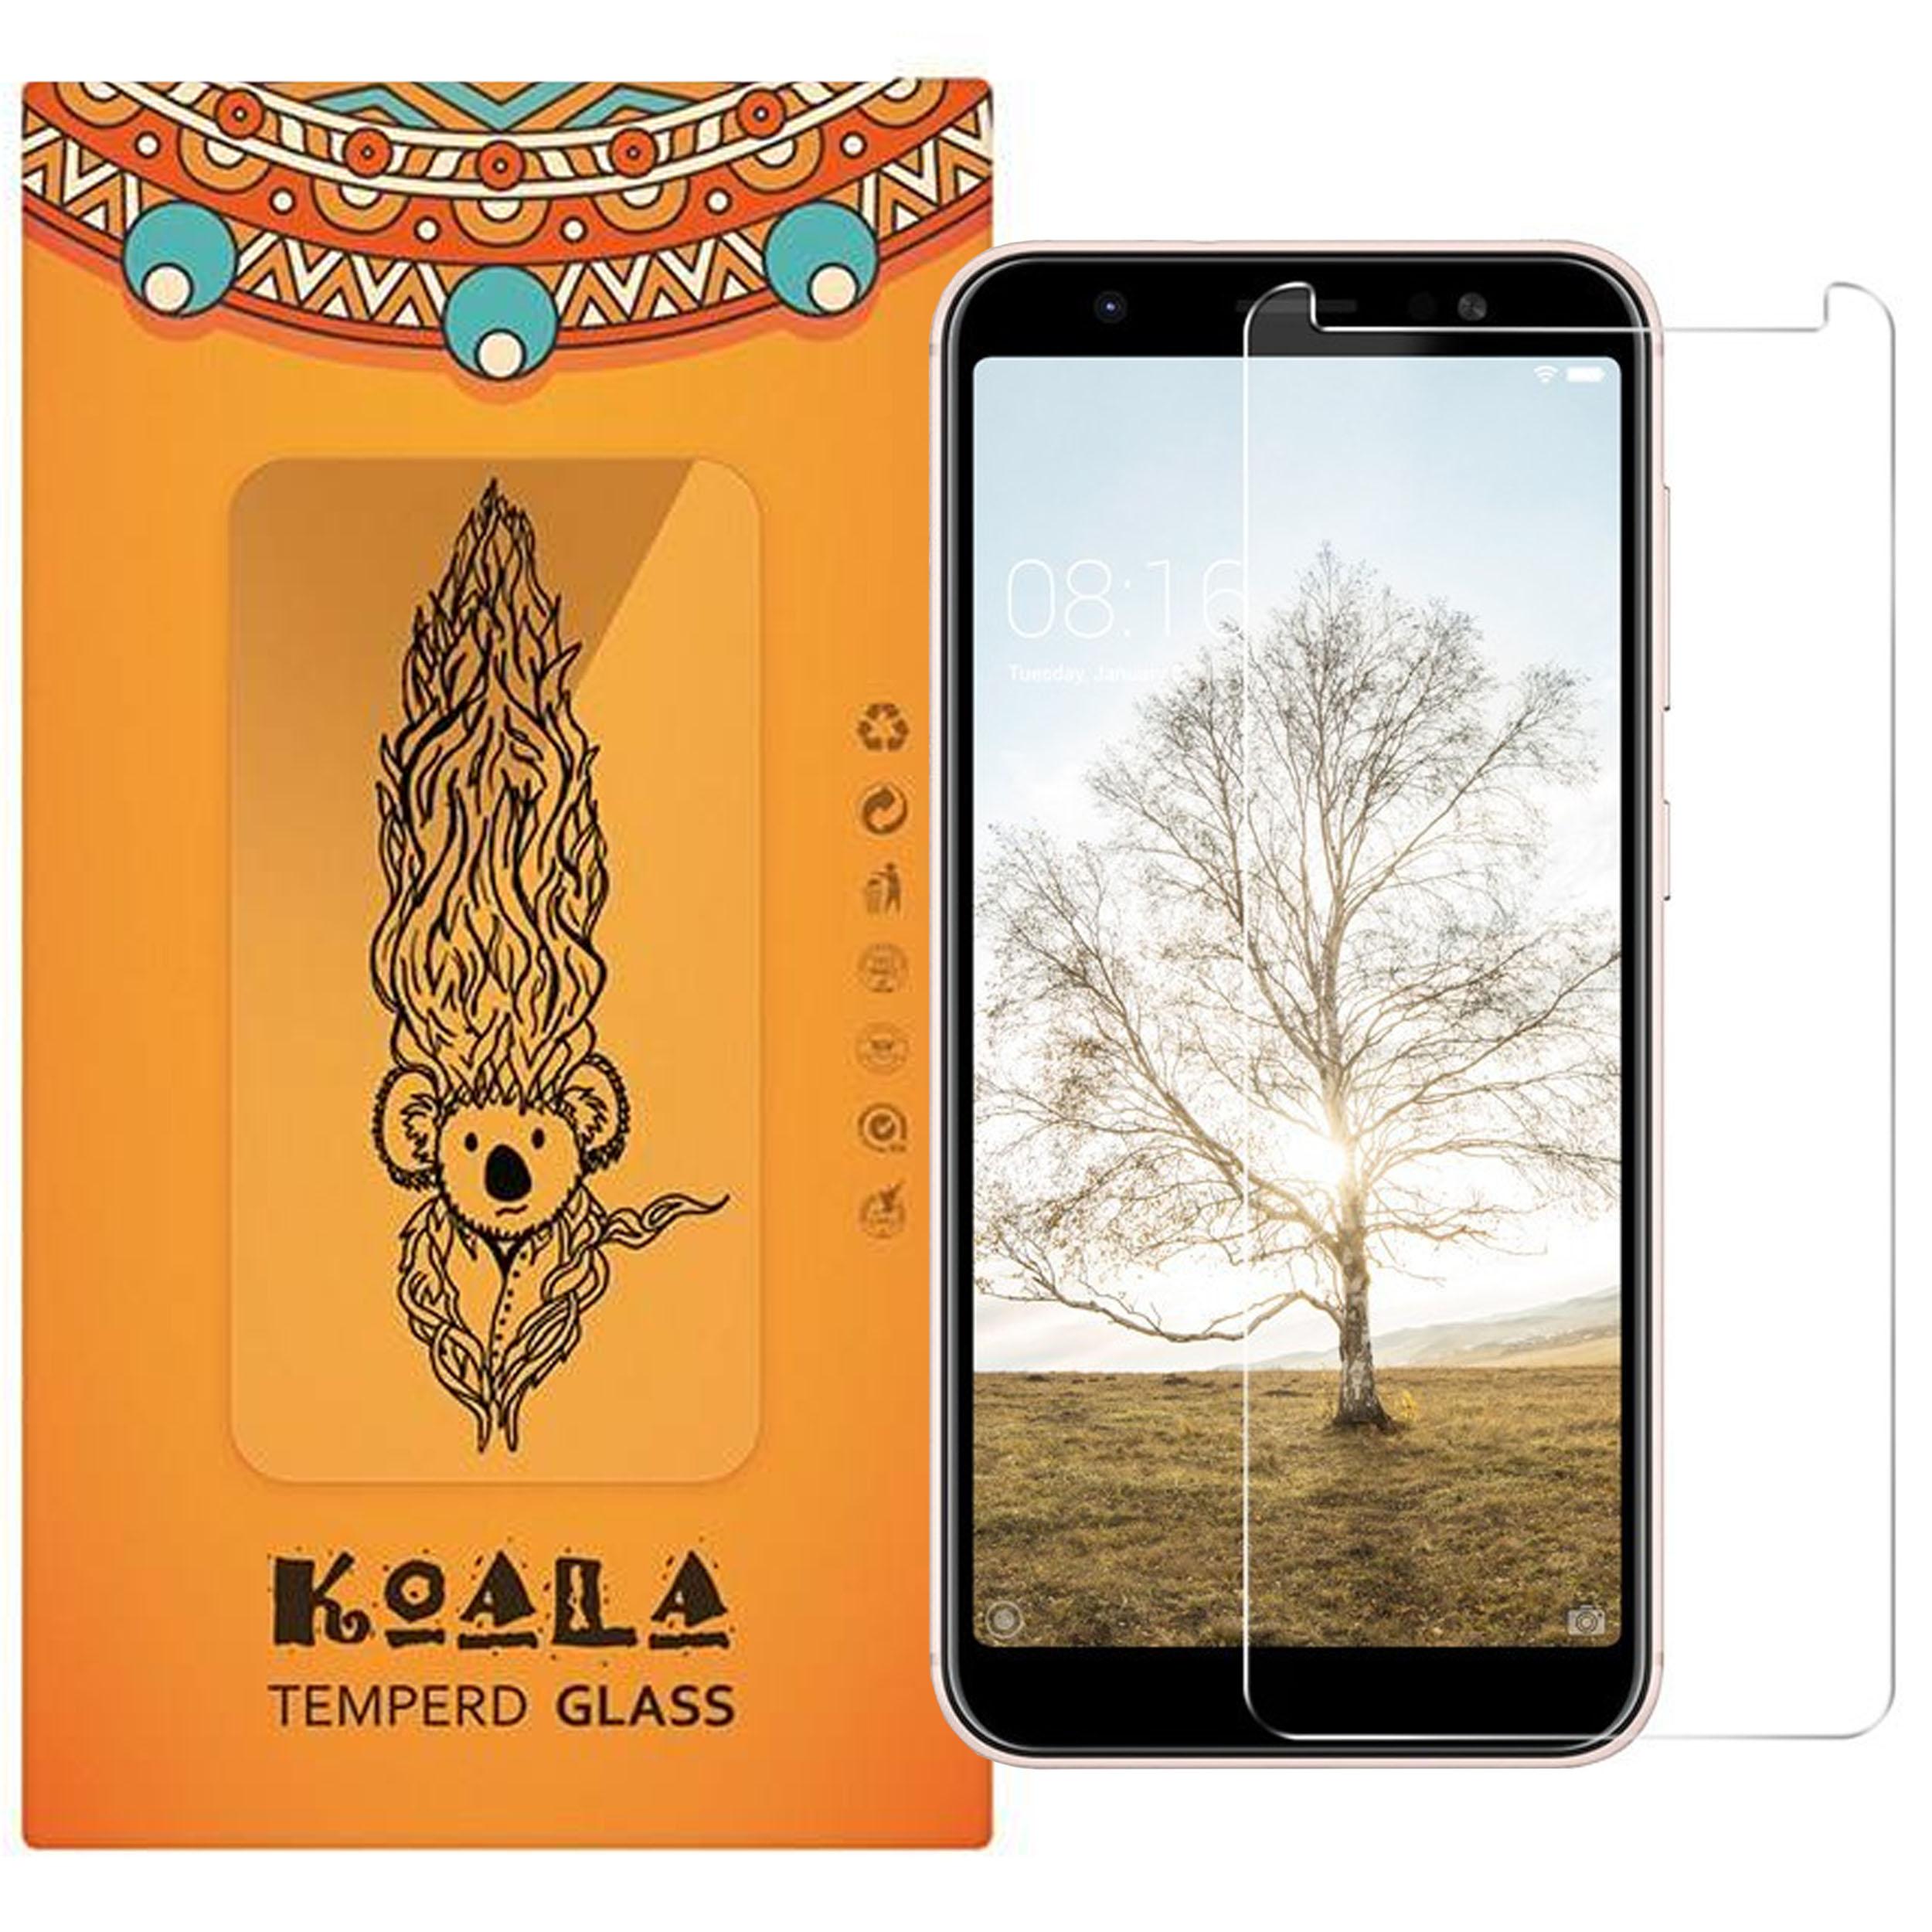 محافظ صفحه نمایش کوالا مدل SDK-002 مناسب برای گوشی موبایل ایسوس Zenfone Max ZB555KL              ( قیمت و خرید)